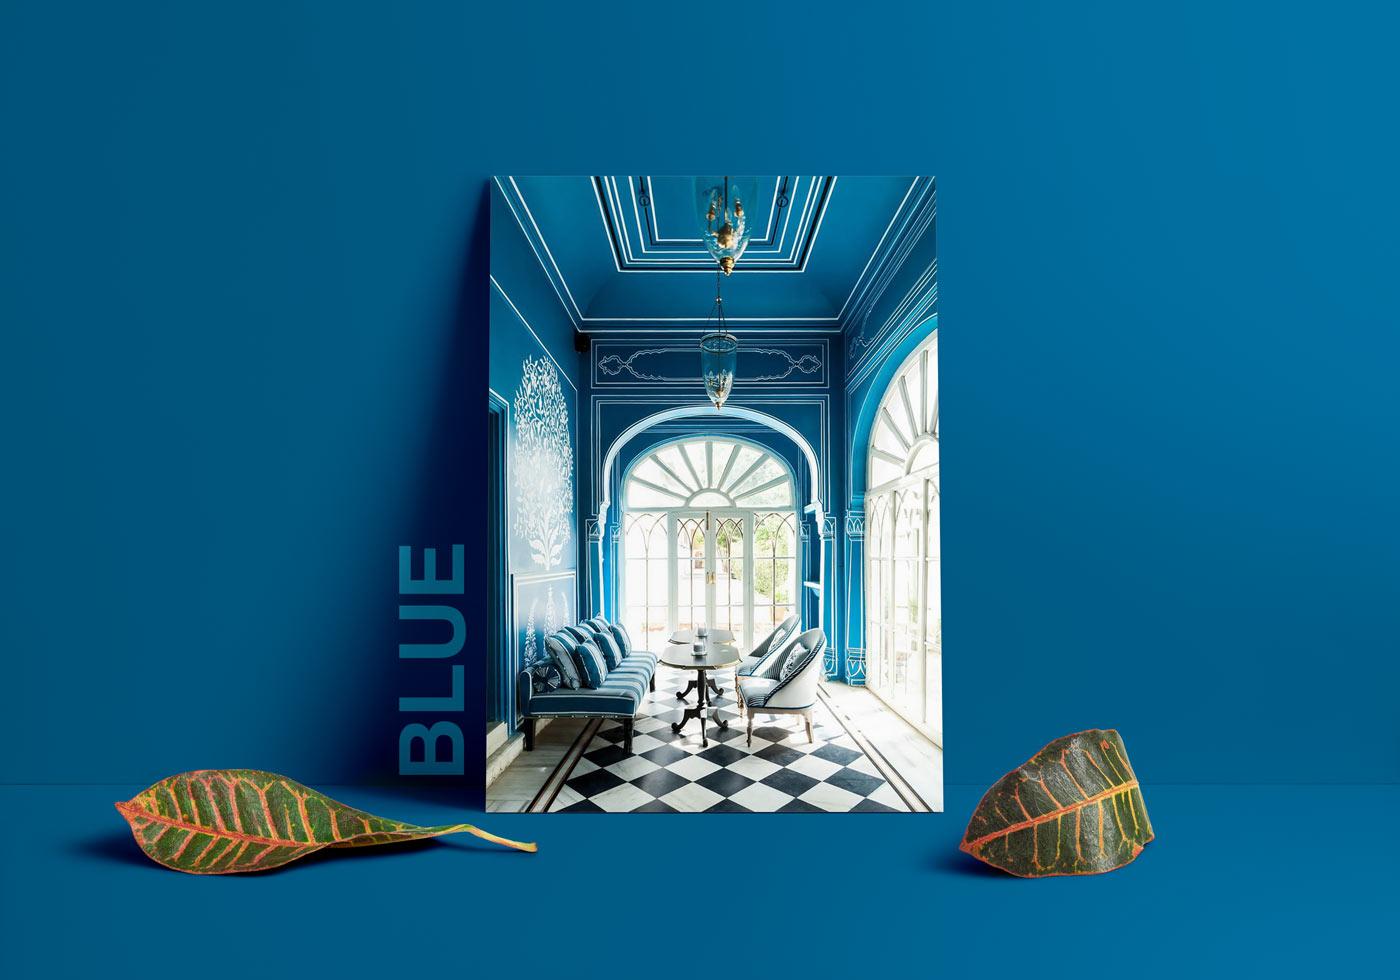 blue interior design 1 - طبع یا مزاج رنگ ها در دکوراسیون داخلی